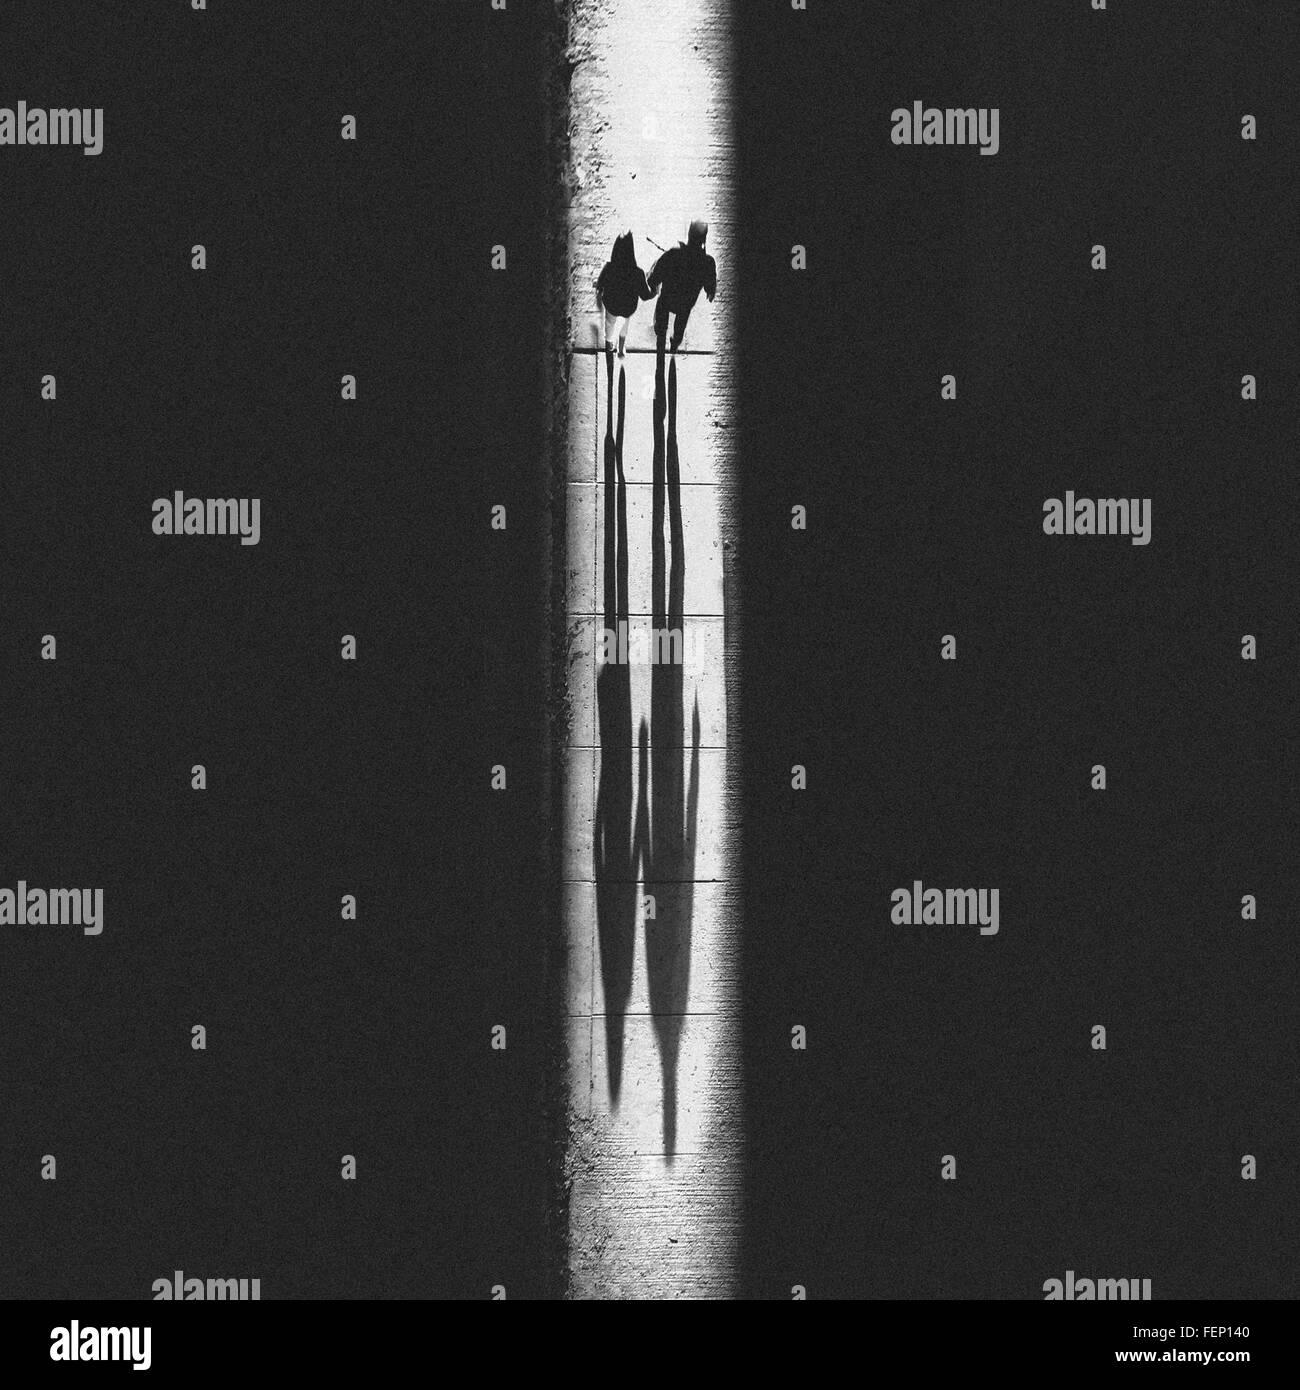 Zwei Menschen zu Fuß auf glühenden Wanderweg Stockbild